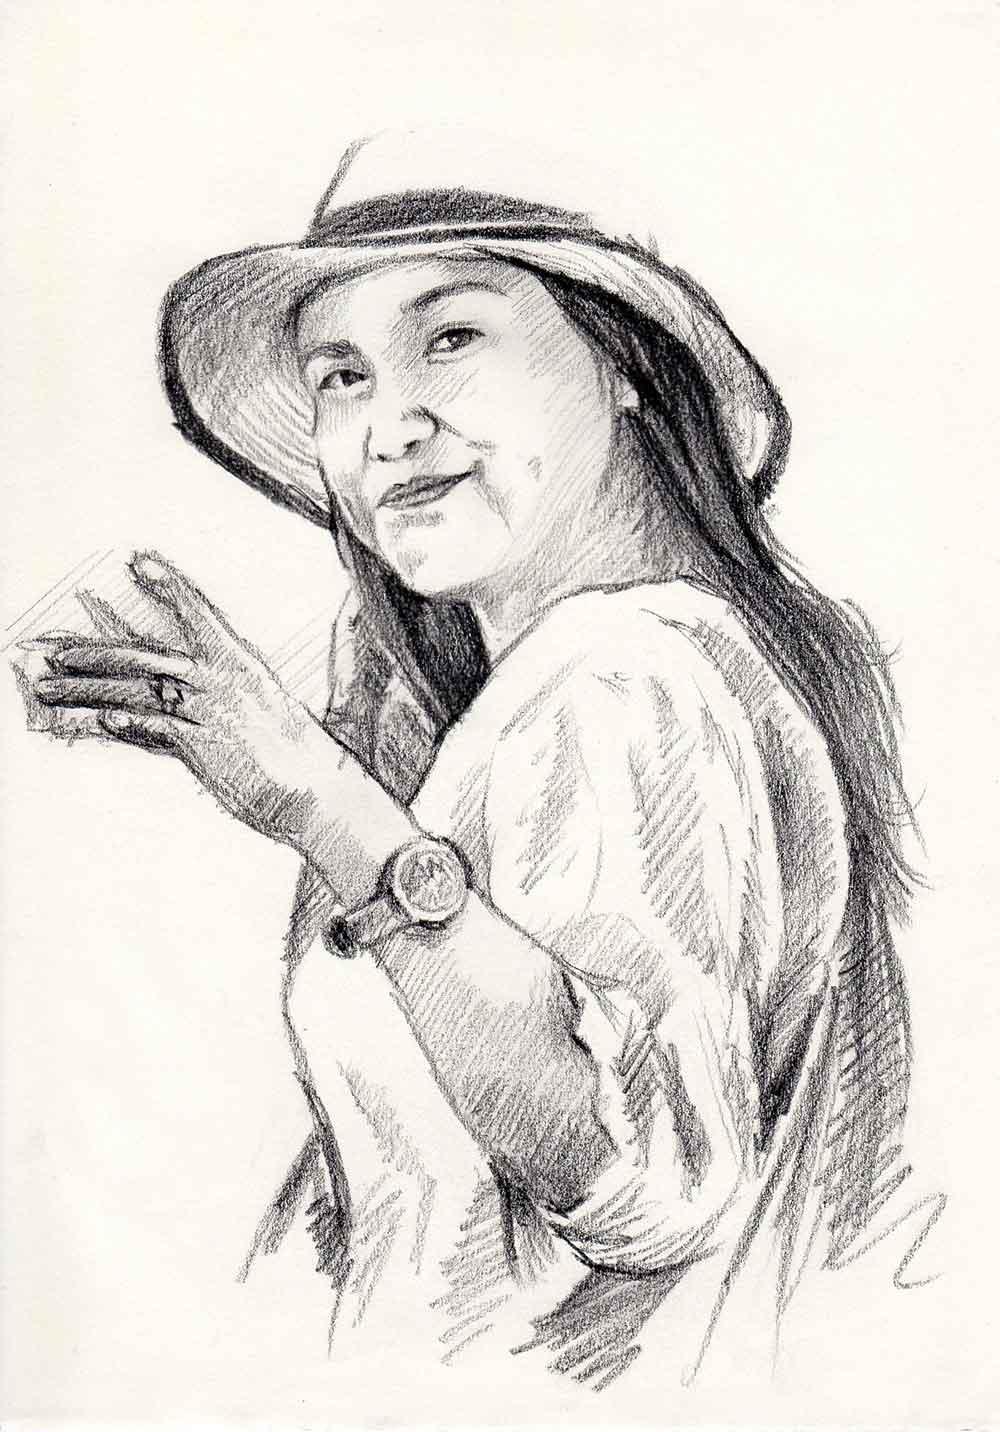 ภาพวาดลายเส้น-ภาพเหมือนผู้หญิง